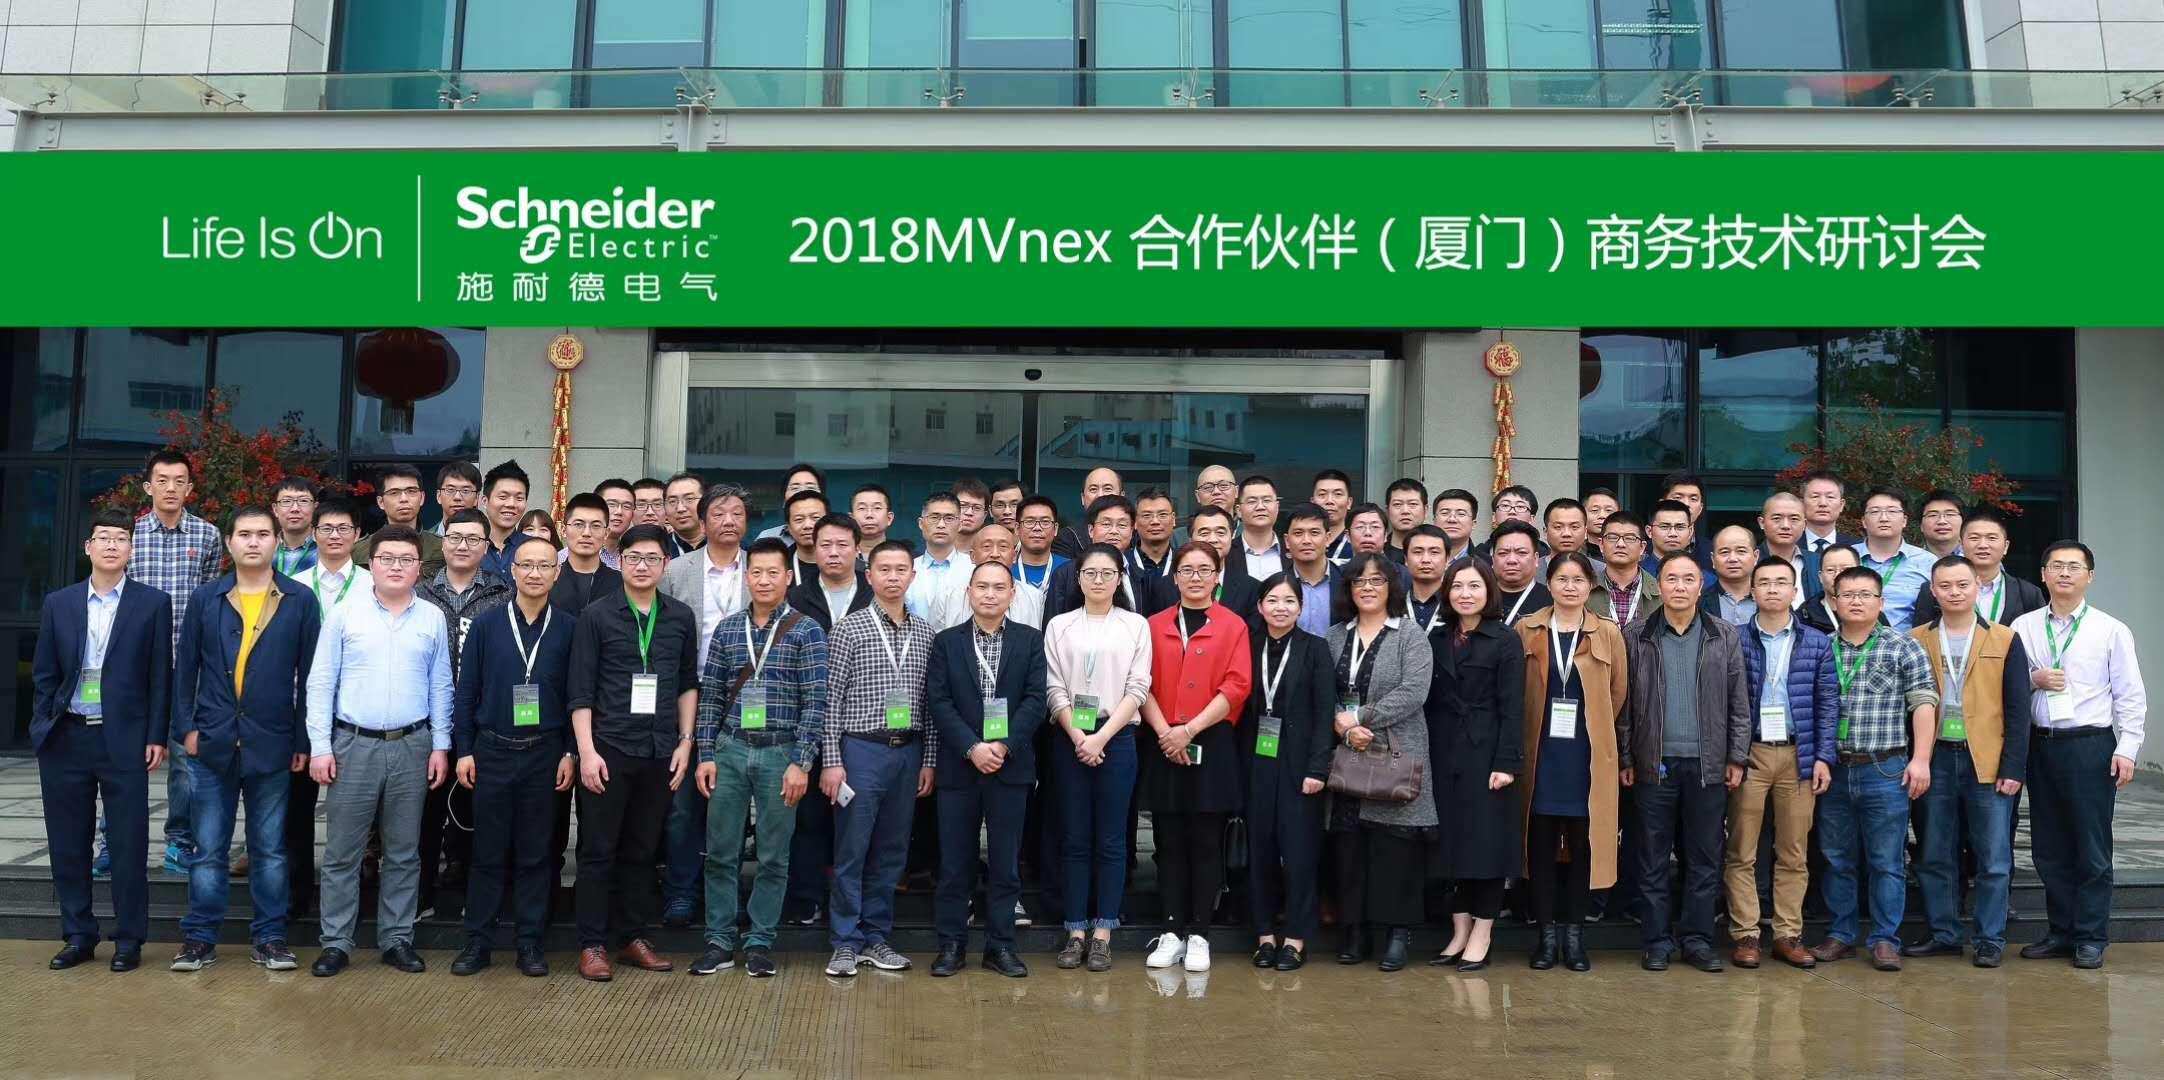 热烈祝贺施耐德2018MVnex厦门研讨会圆满成功